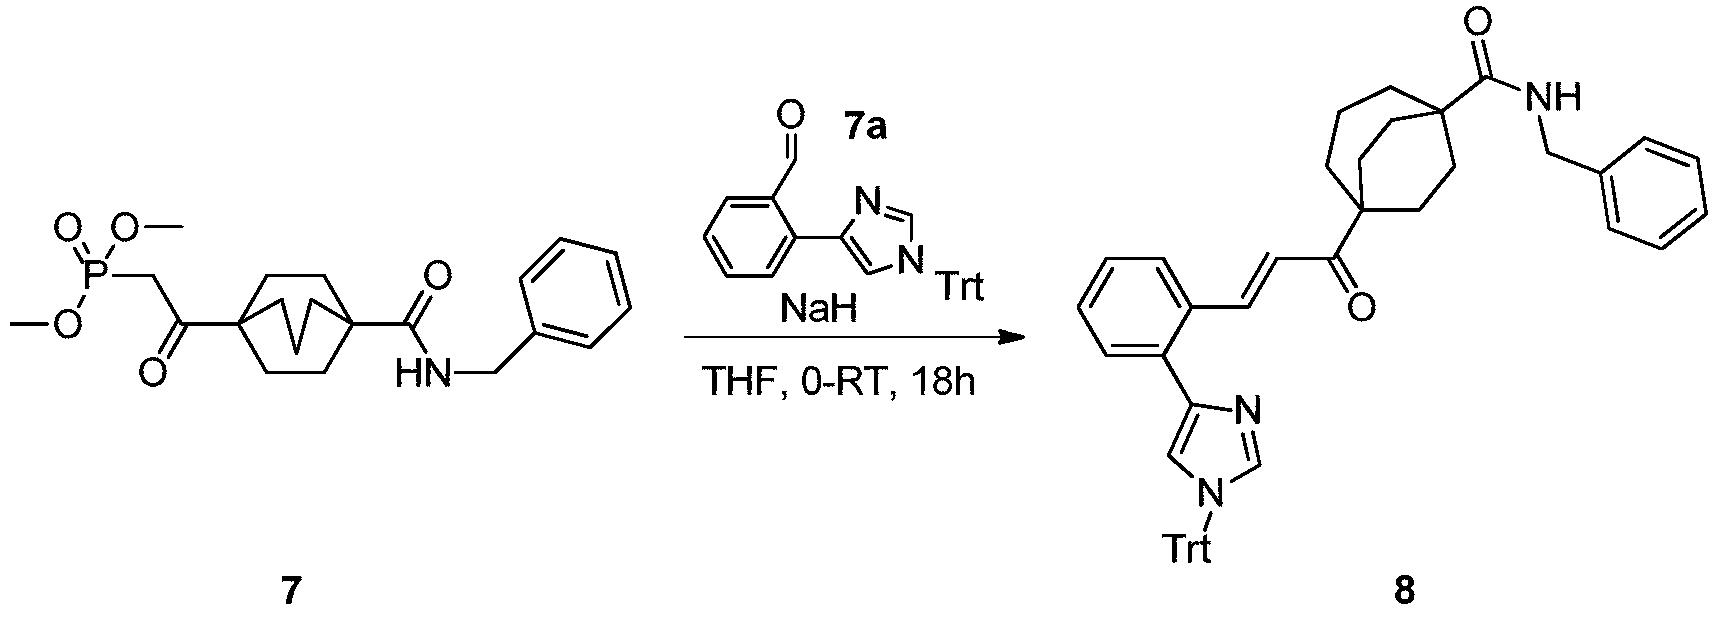 Figure PCTCN2017084604-appb-000116